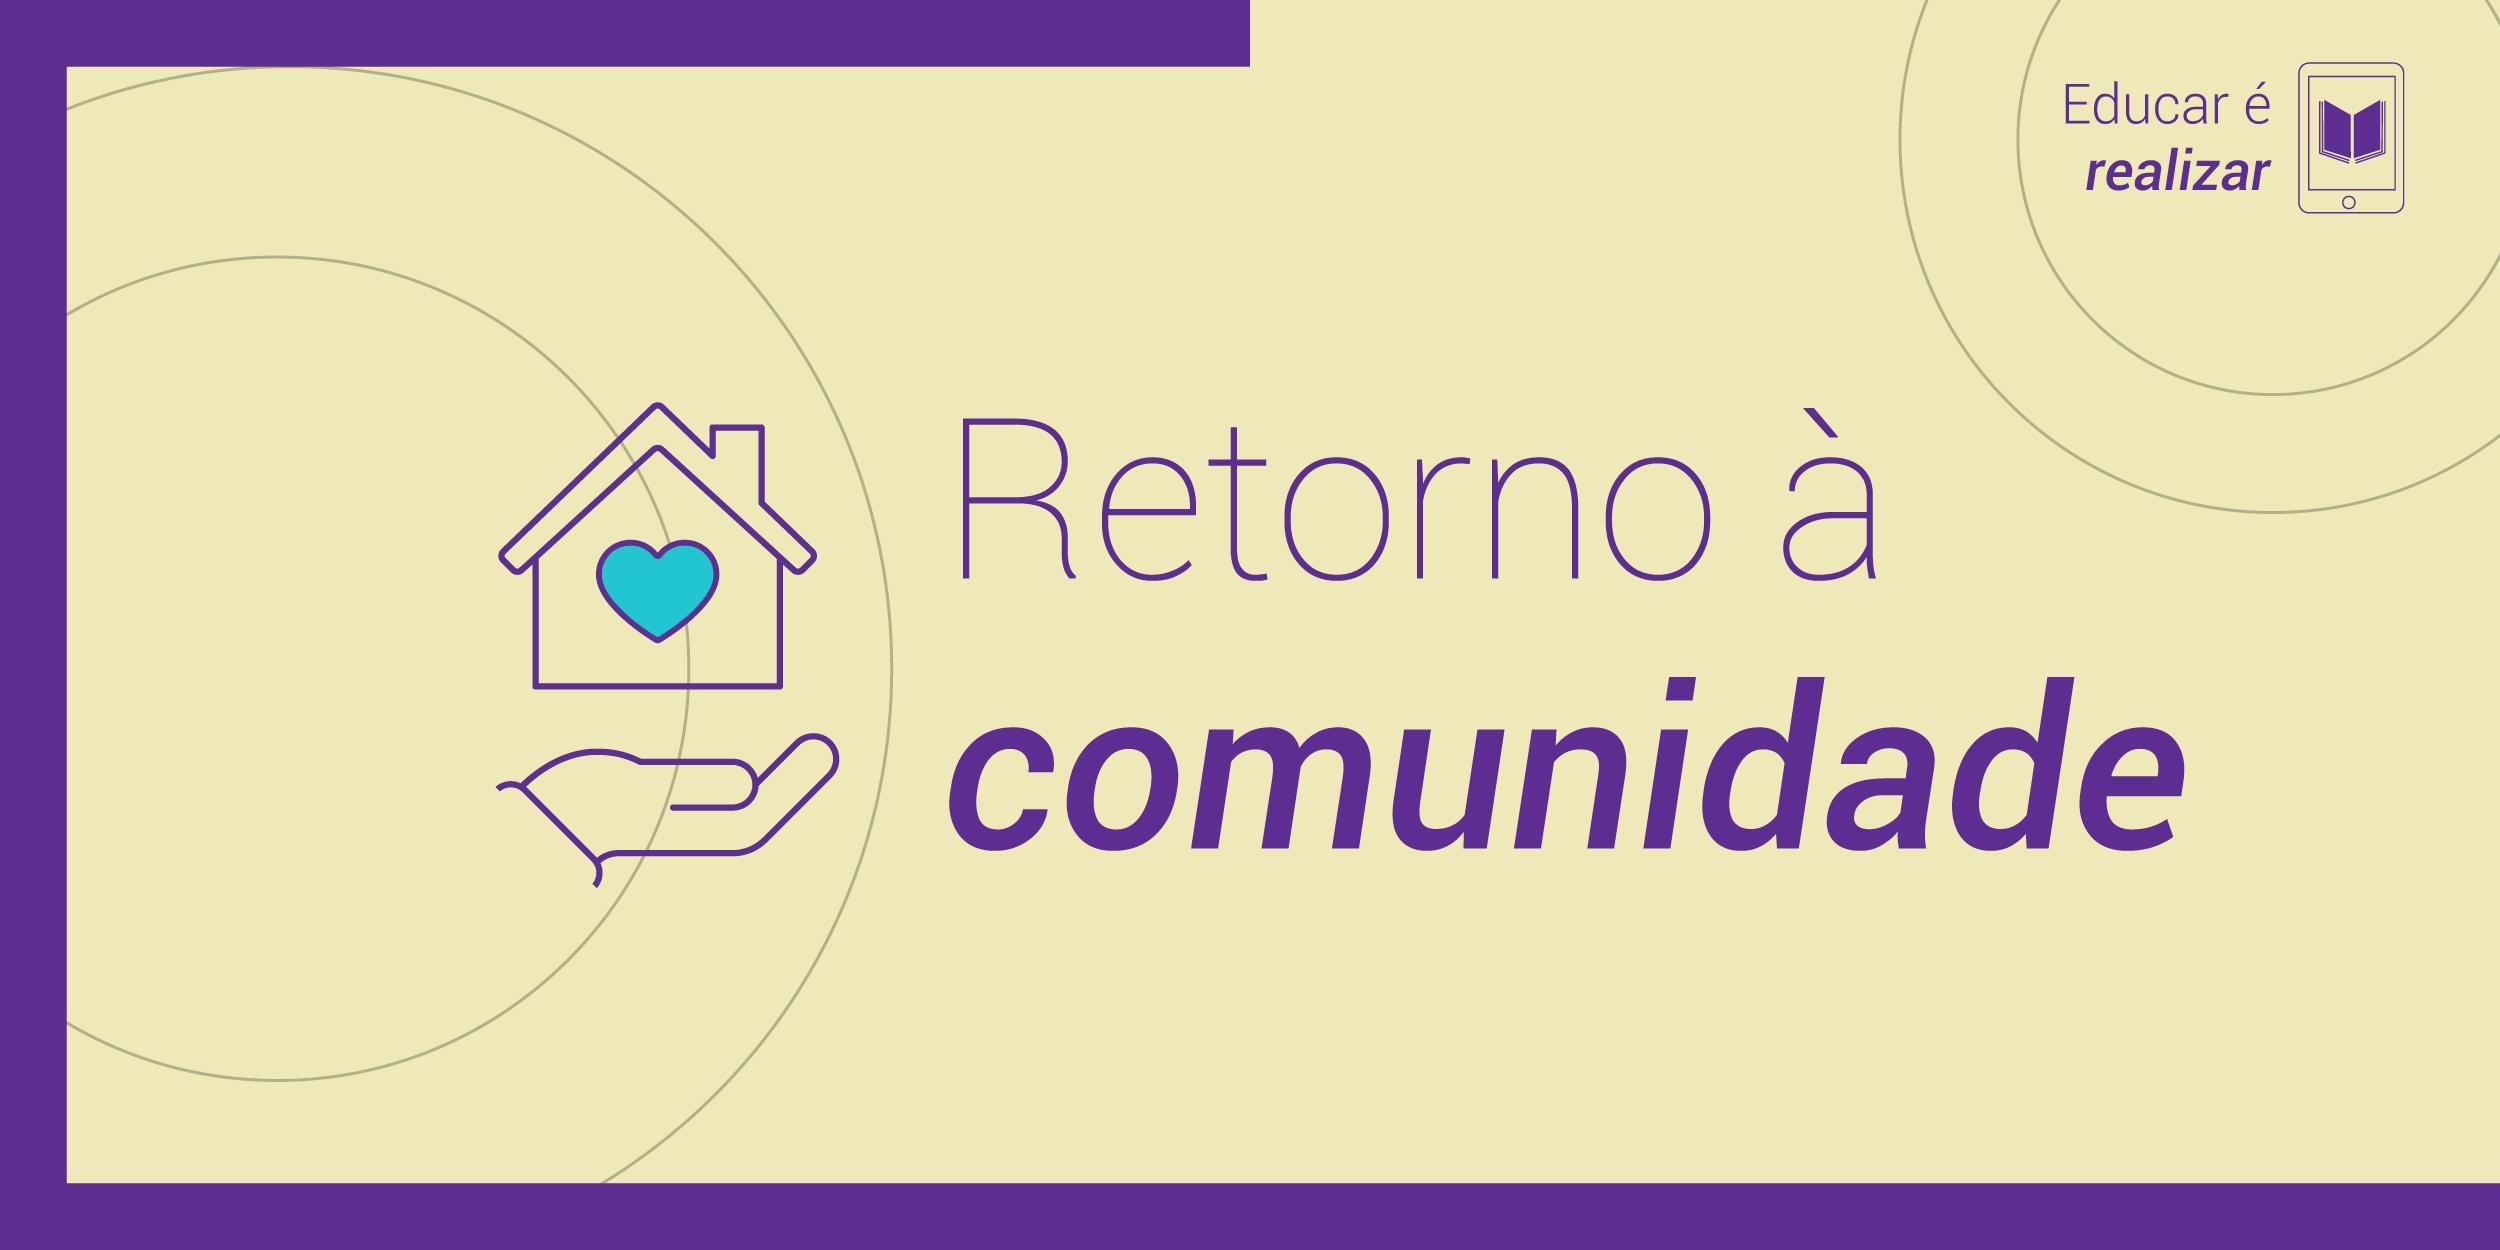 Arte de fundo bege e borda púrpura com os dizeres Retorno à Comunidade escrito em púrpura no centro da imagem. Do lado esquerdo, há um ícone de uma casa com uma mão embaixo dela e um coração desenhado dentro; do lado direto, no canto superior, a frase Educar é incluir.